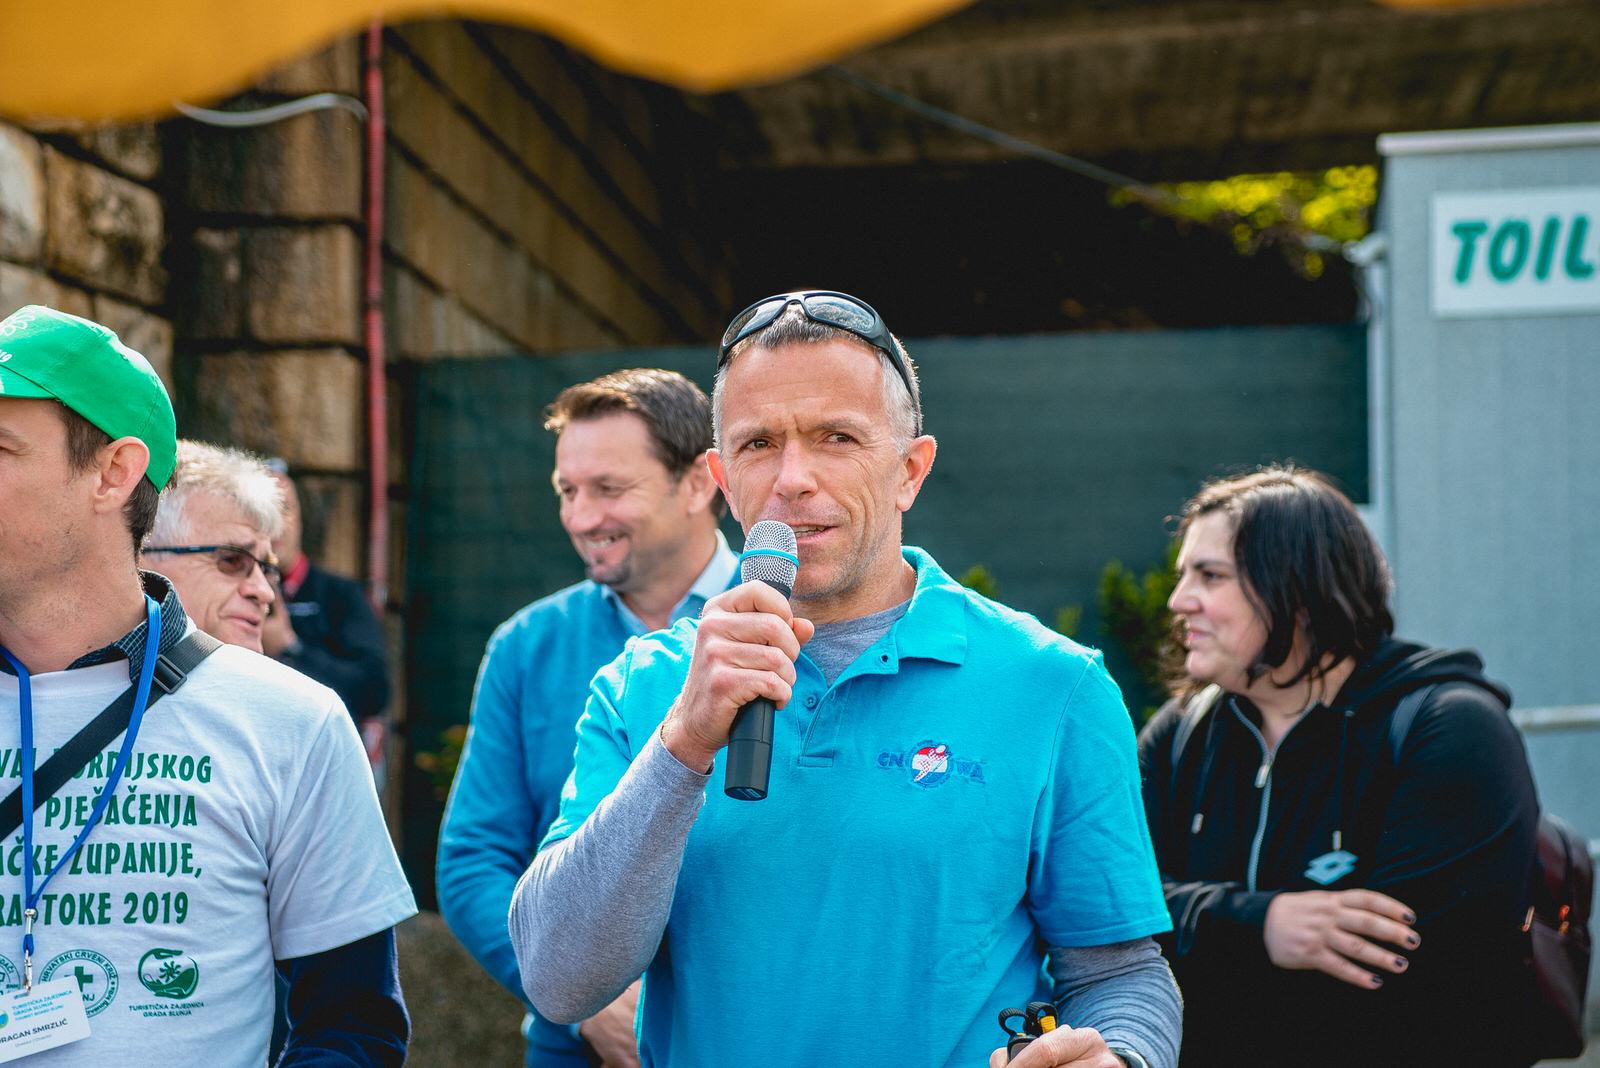 likaclub_slunj_rastoke_5-festival-nordijskog-hodanja_2019-43